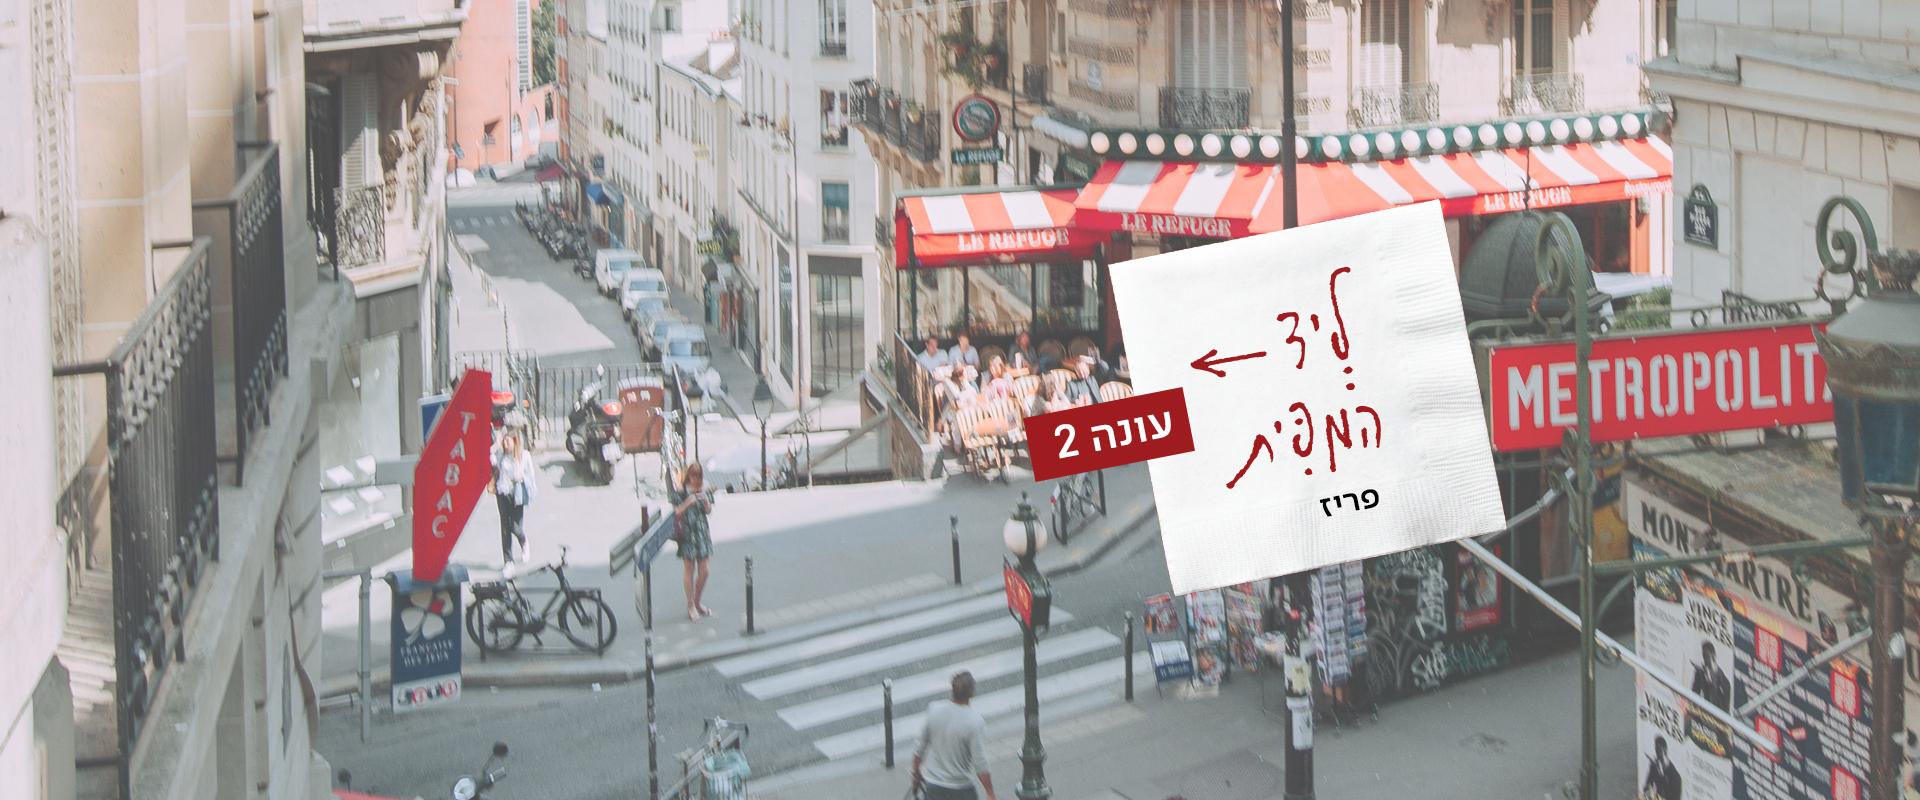 לאכול בפריז עם יריב ברבי